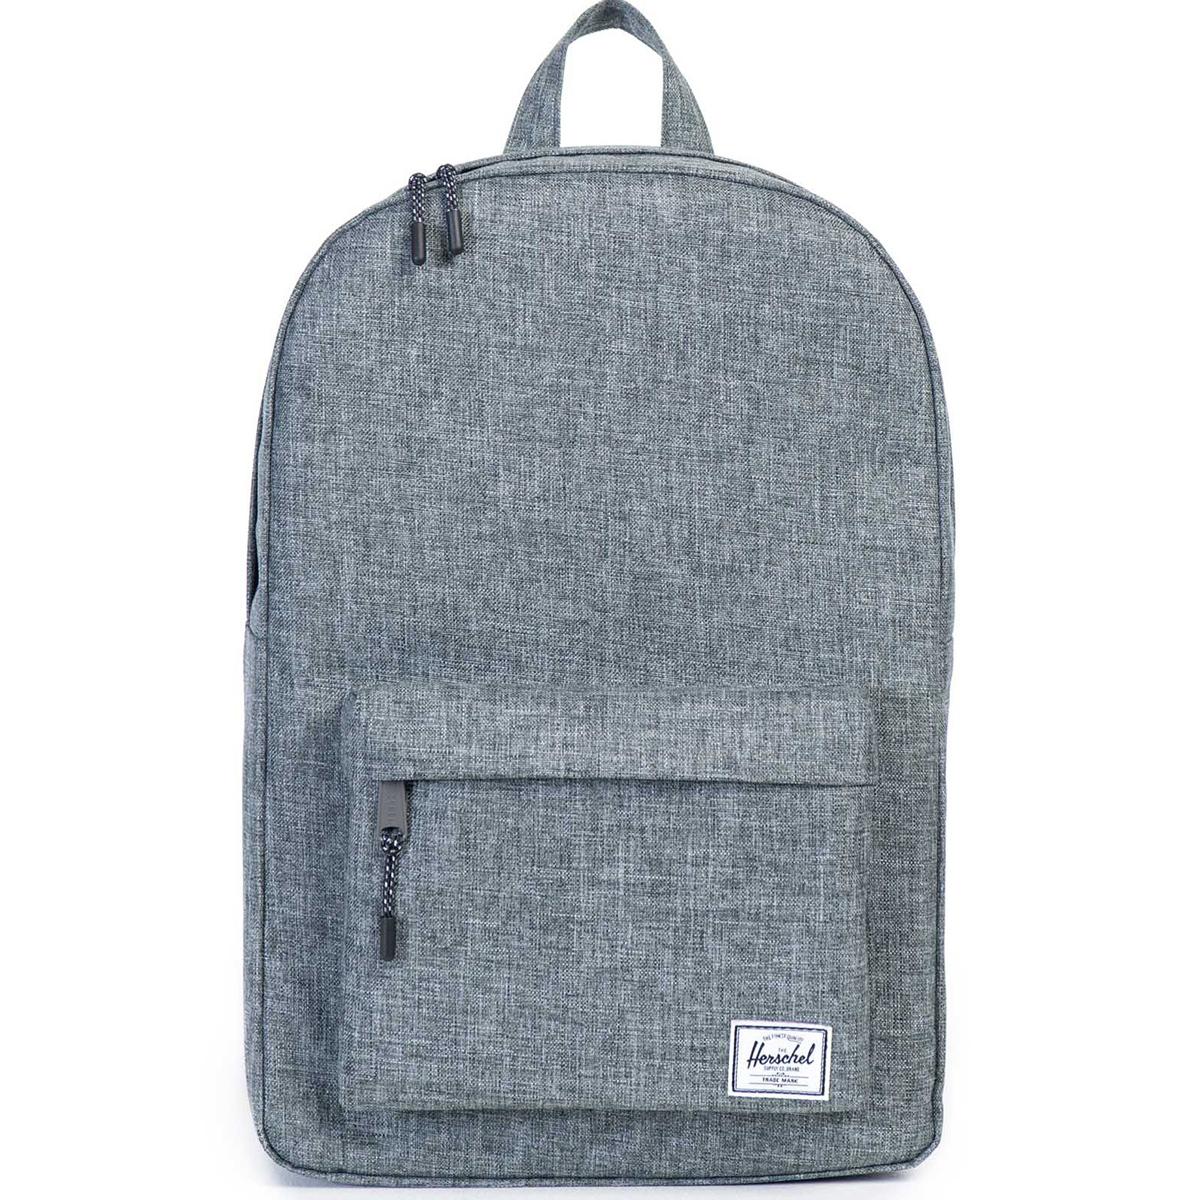 Рюкзак городской Herschel Classic (A/S), цвет: серый. 828432100385828432100385Рюкзак Herschel Classic целиком и полностью оправдывает свое название, выражая совершенство в лаконичных и идеальных линиях. Этот рюкзак создан для любых целей и поездок и отлично впишется в абсолютно любой стиль. Основное отделение закрывается на застежку-молнию. Внешняя сторона дополнена накладным карманом на застежке-молнии. Лямки регулируются, что позволяет менять положение рюкзака на спине.